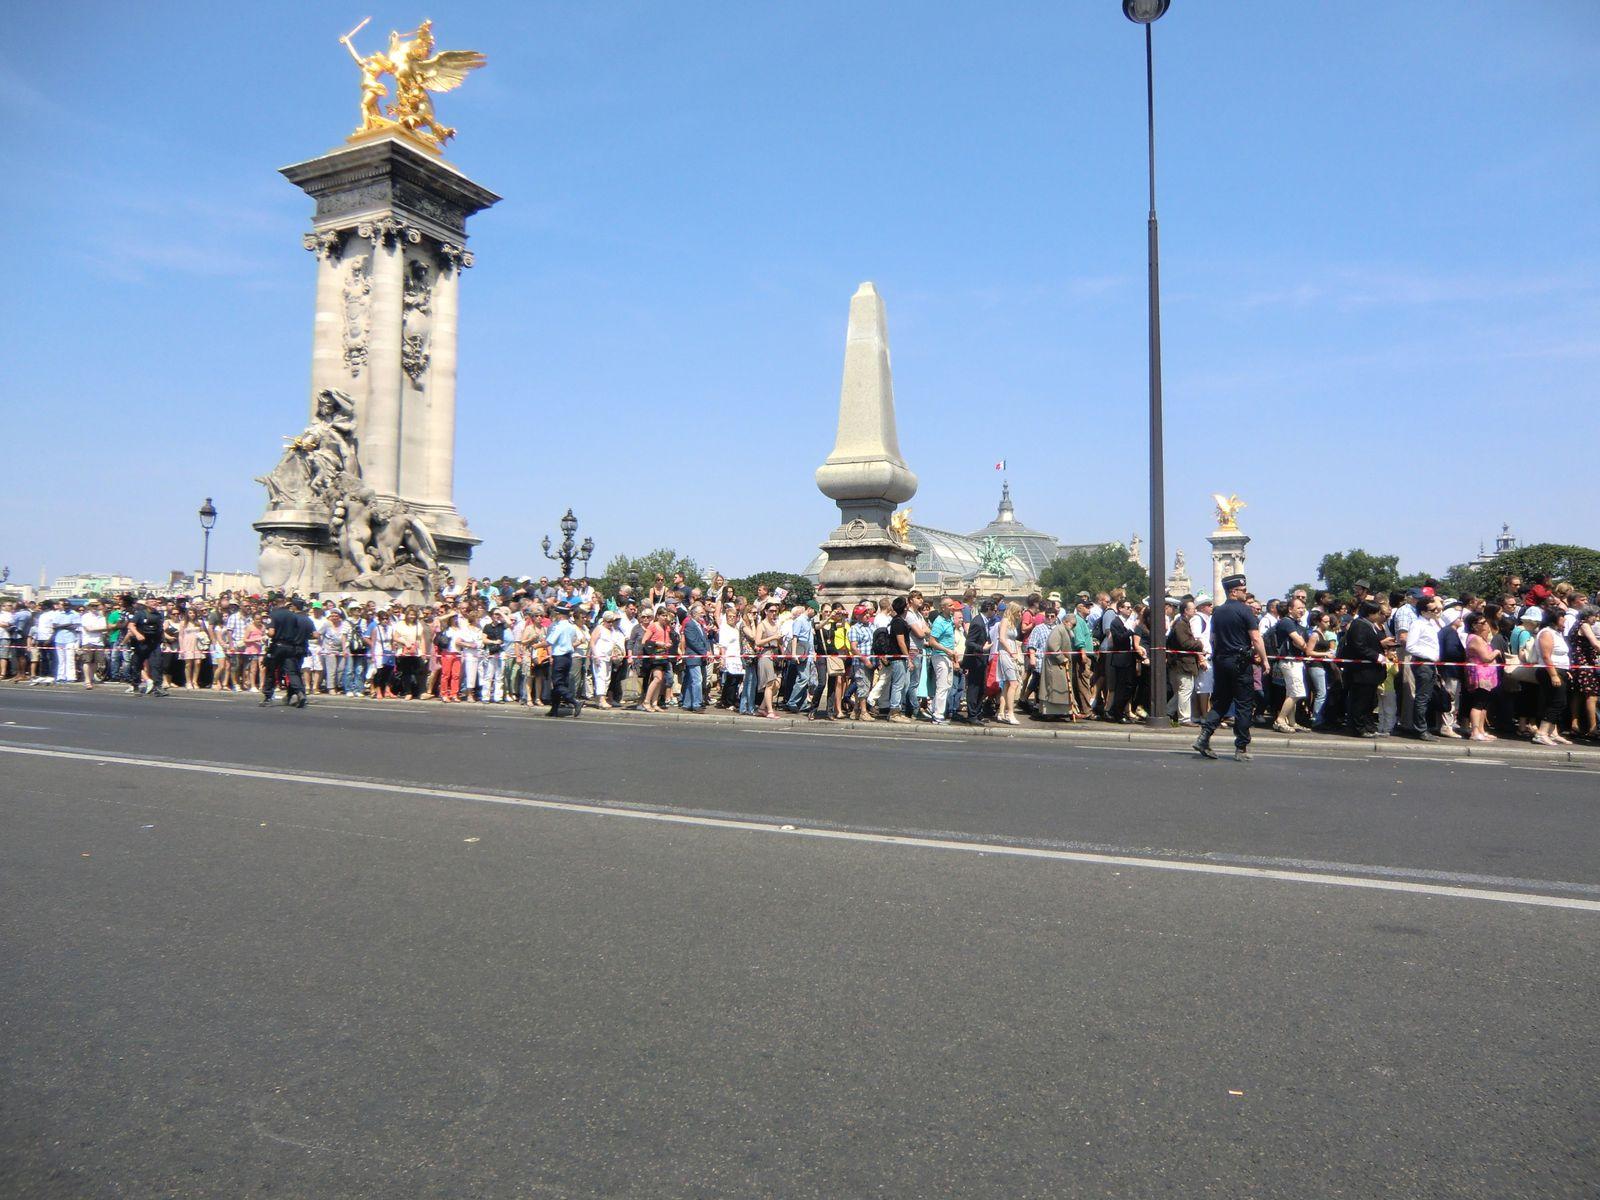 l'arrivée de la foule Quai d'Orsay